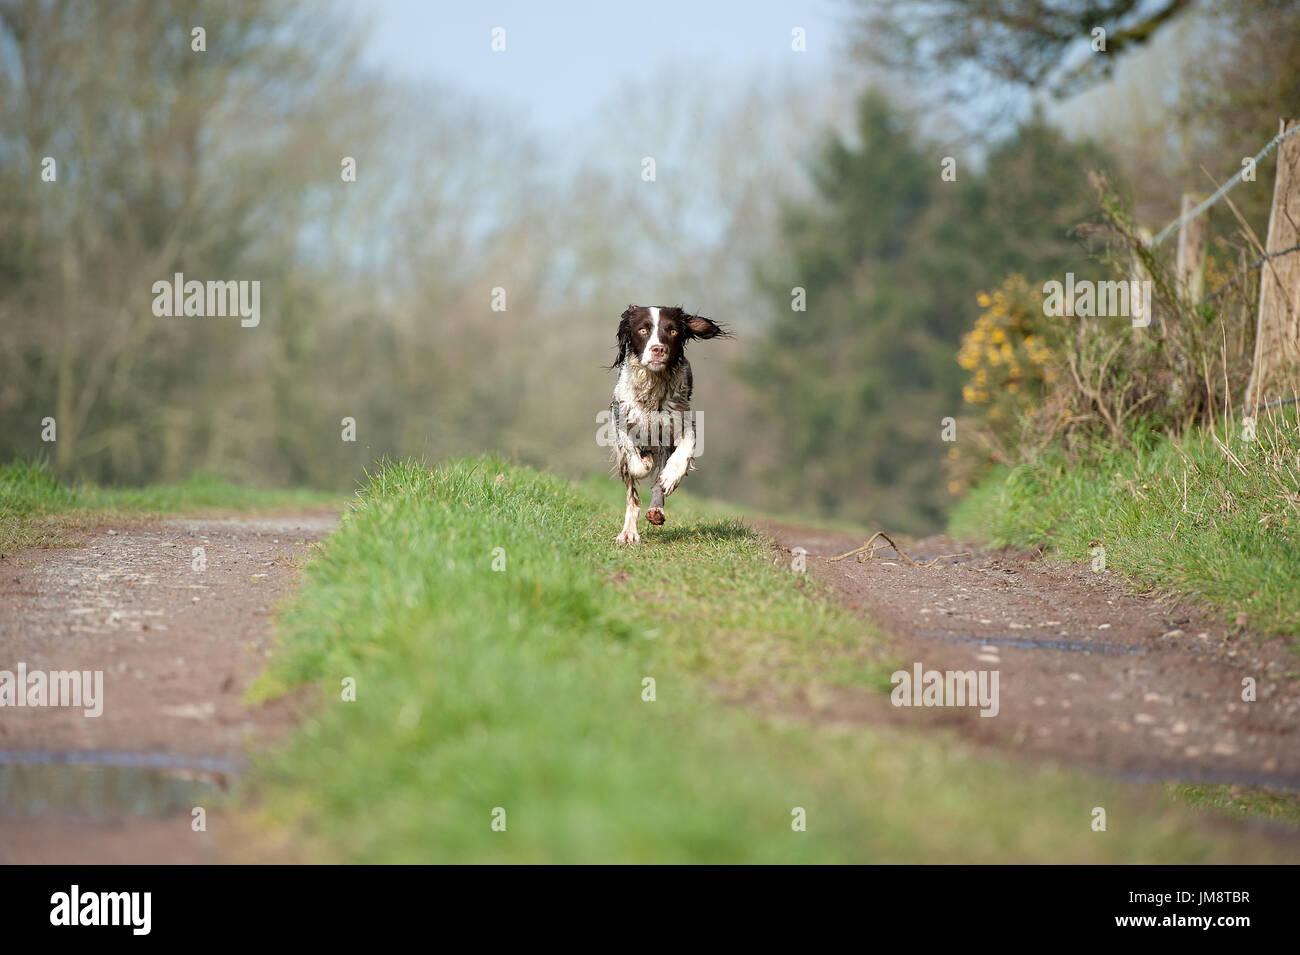 Springer spaniel running - Stock Image